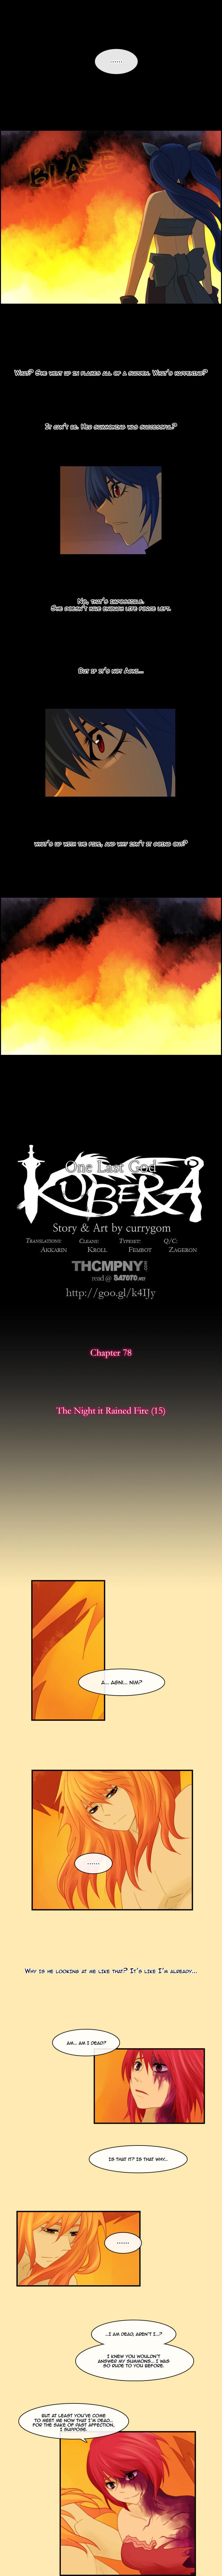 Kubera 78 Page 1